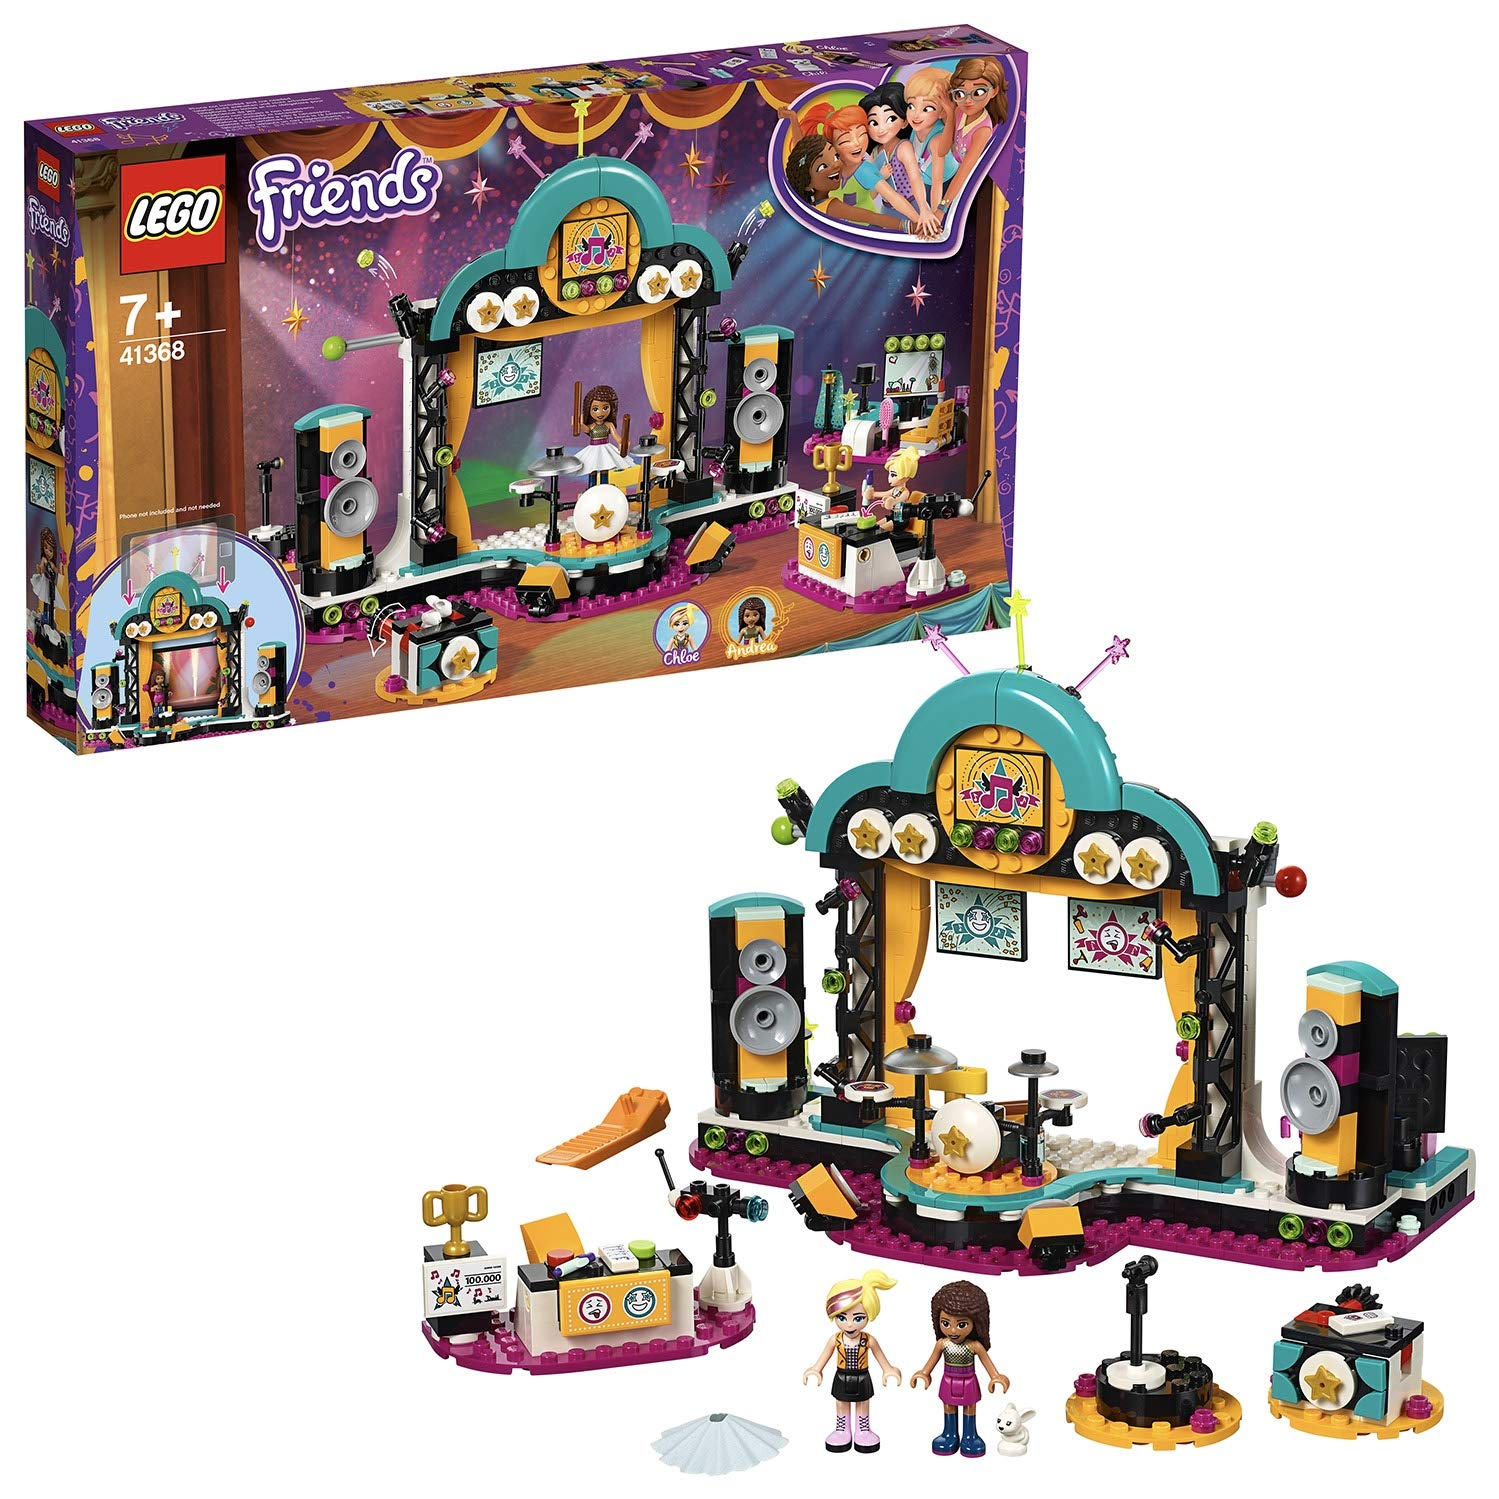 achat LEGO Friends - Le spectacle d'Andréa - 41368 - Jeu de construction pas cher prix